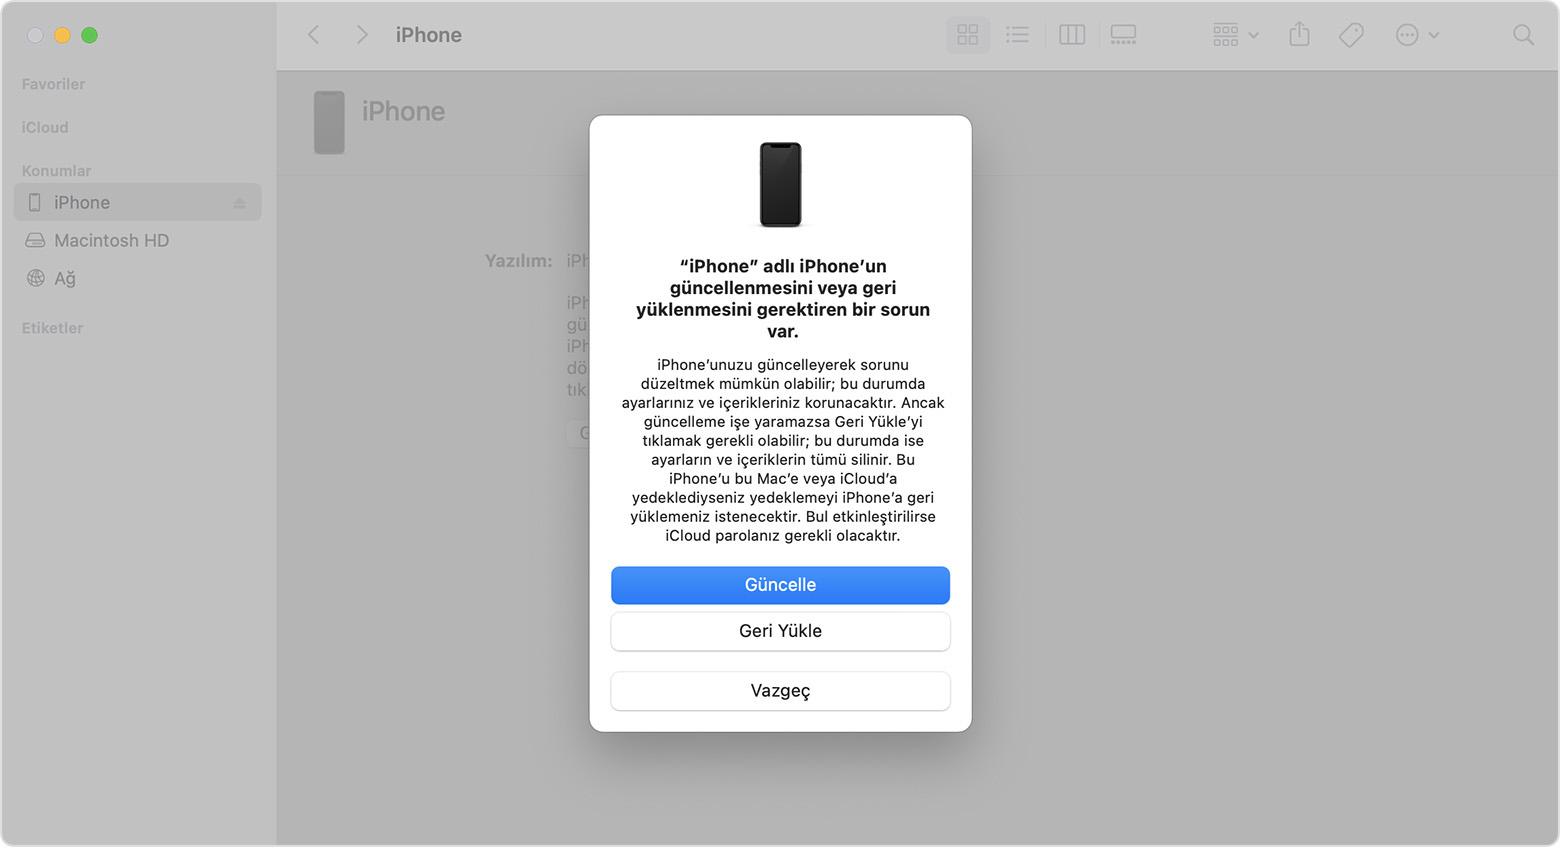 iPhone'unuzu güncelleme veya geri yükleme seçeneklerinin yer aldığı bir istem gösteren Finder penceresi. Güncelle seçilidir.